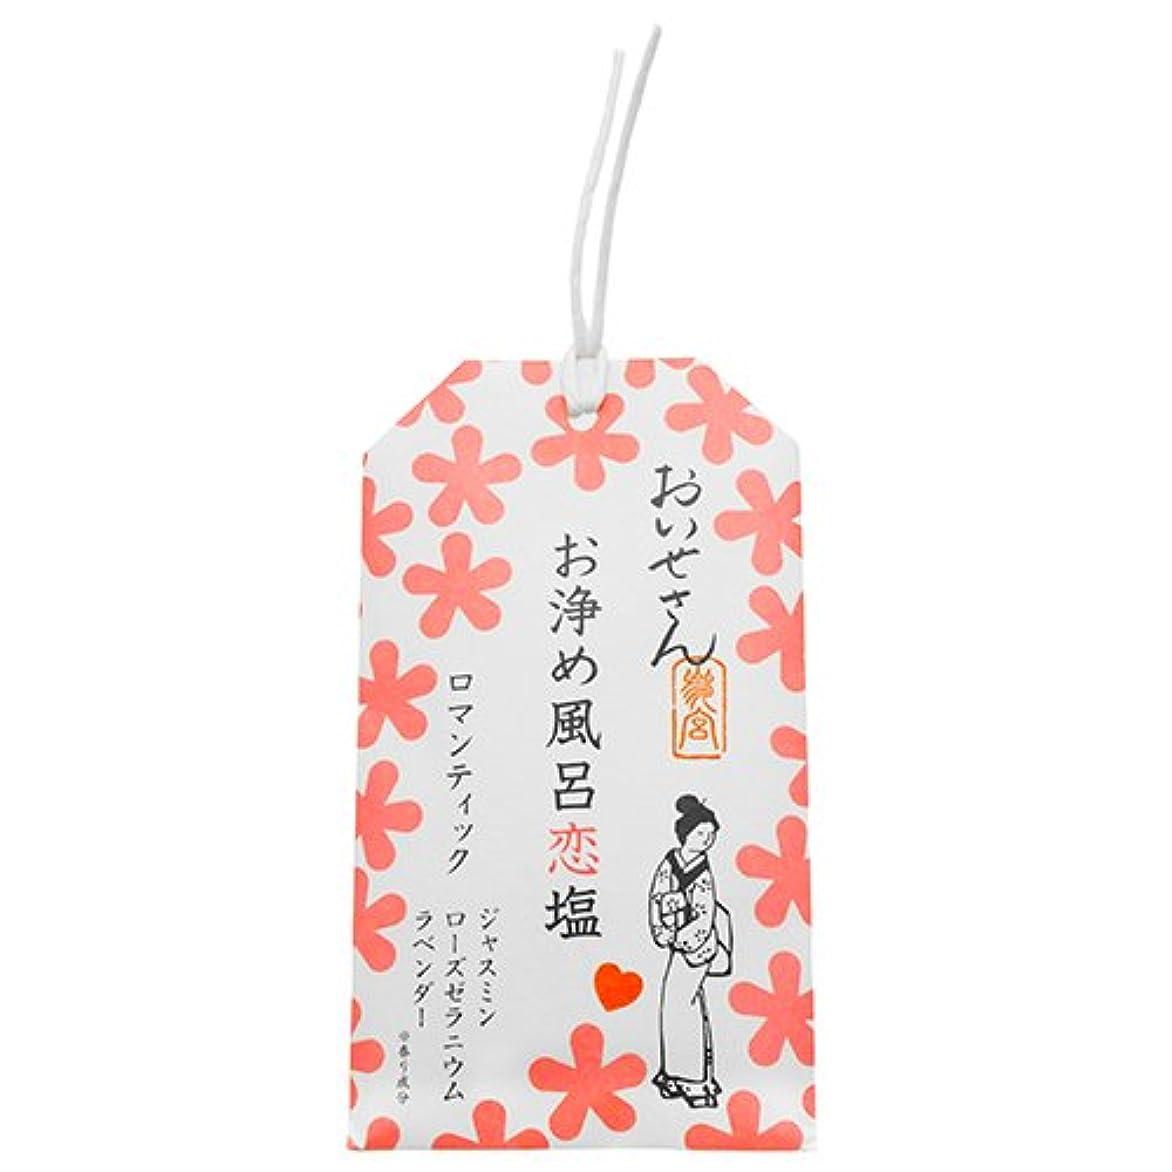 おばあさん模索ドットおいせさん お浄め風呂恋塩(ロマンティック)